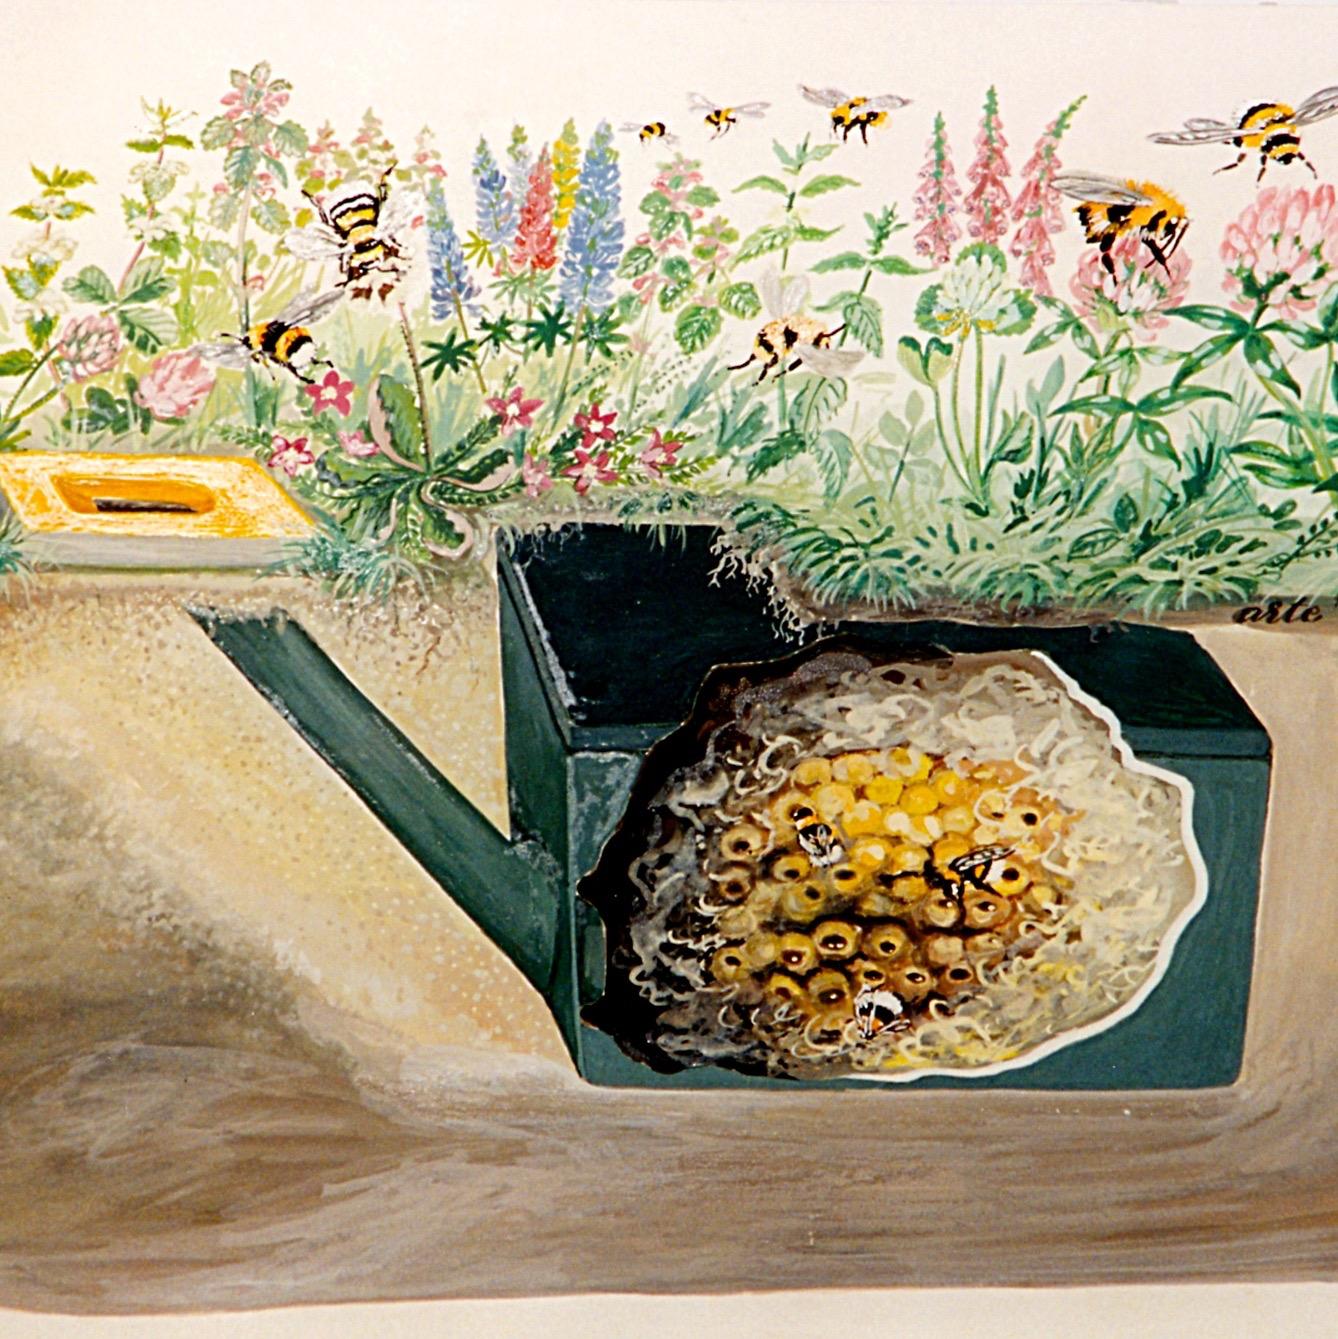 schwegler hummelnistkasten unterirdisch vogel und naturschutzprodukte einfach online kaufen. Black Bedroom Furniture Sets. Home Design Ideas